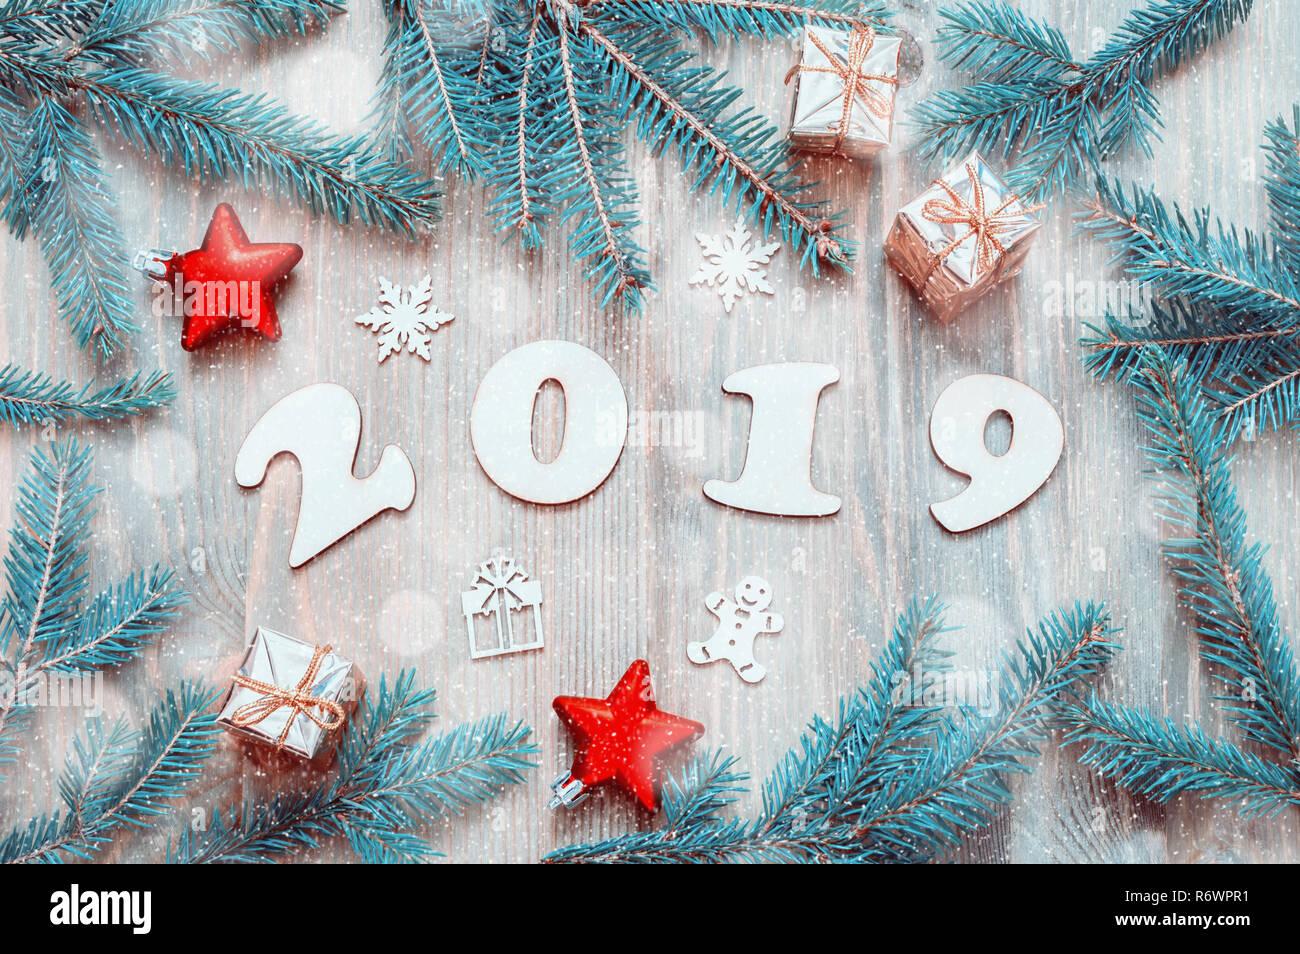 Con FigurasJuguetes De Nuevo Año 2019 NavidadRamas Fondo D29YEHIW